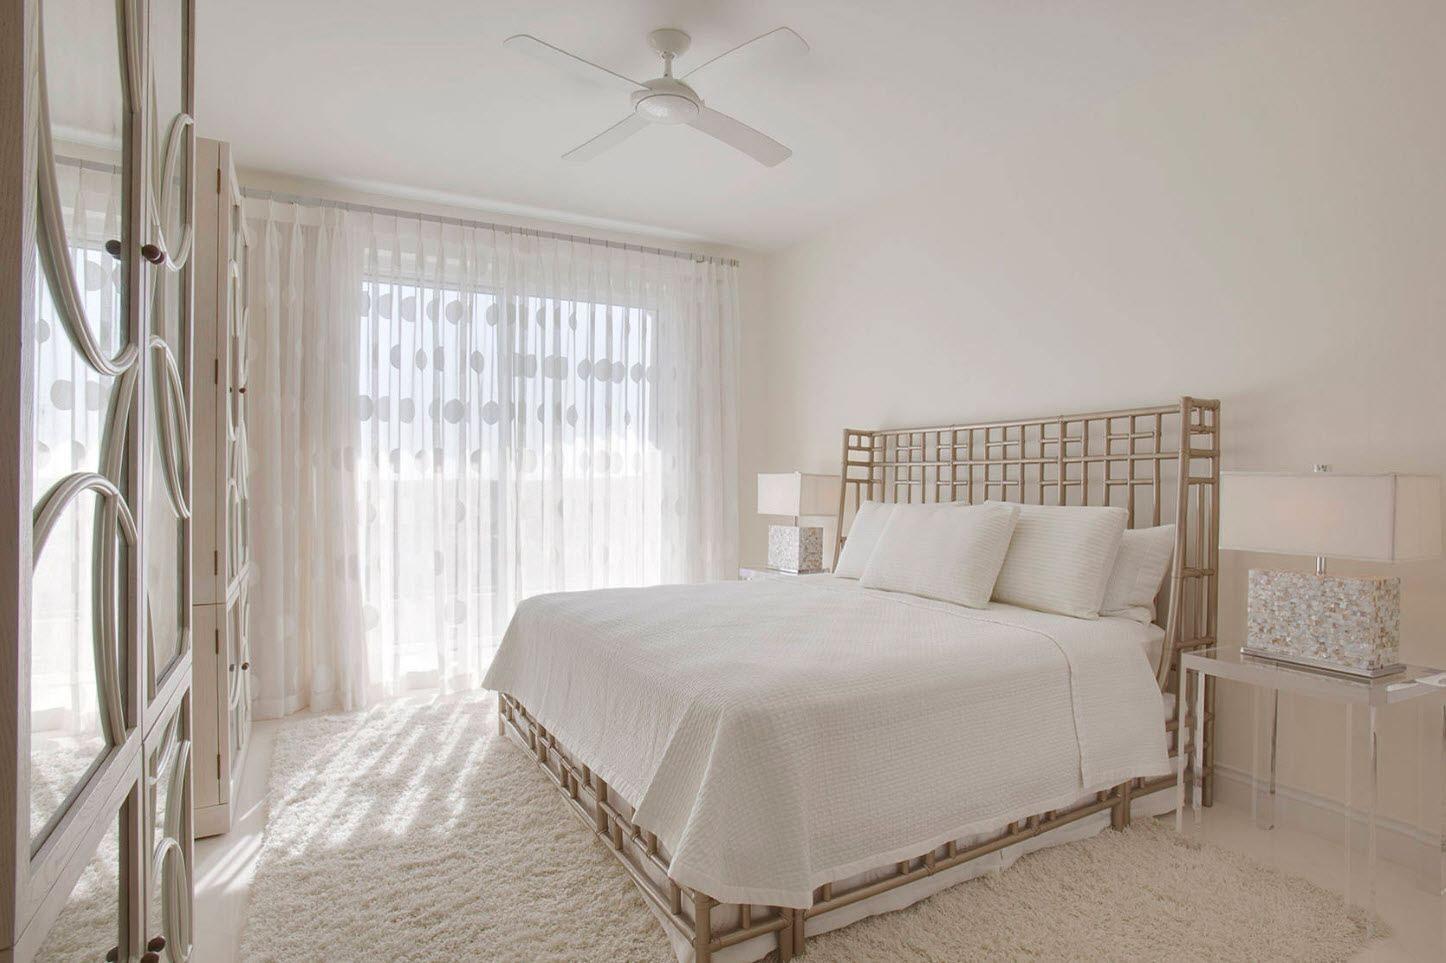 тюль в спальне дизайн интерьер